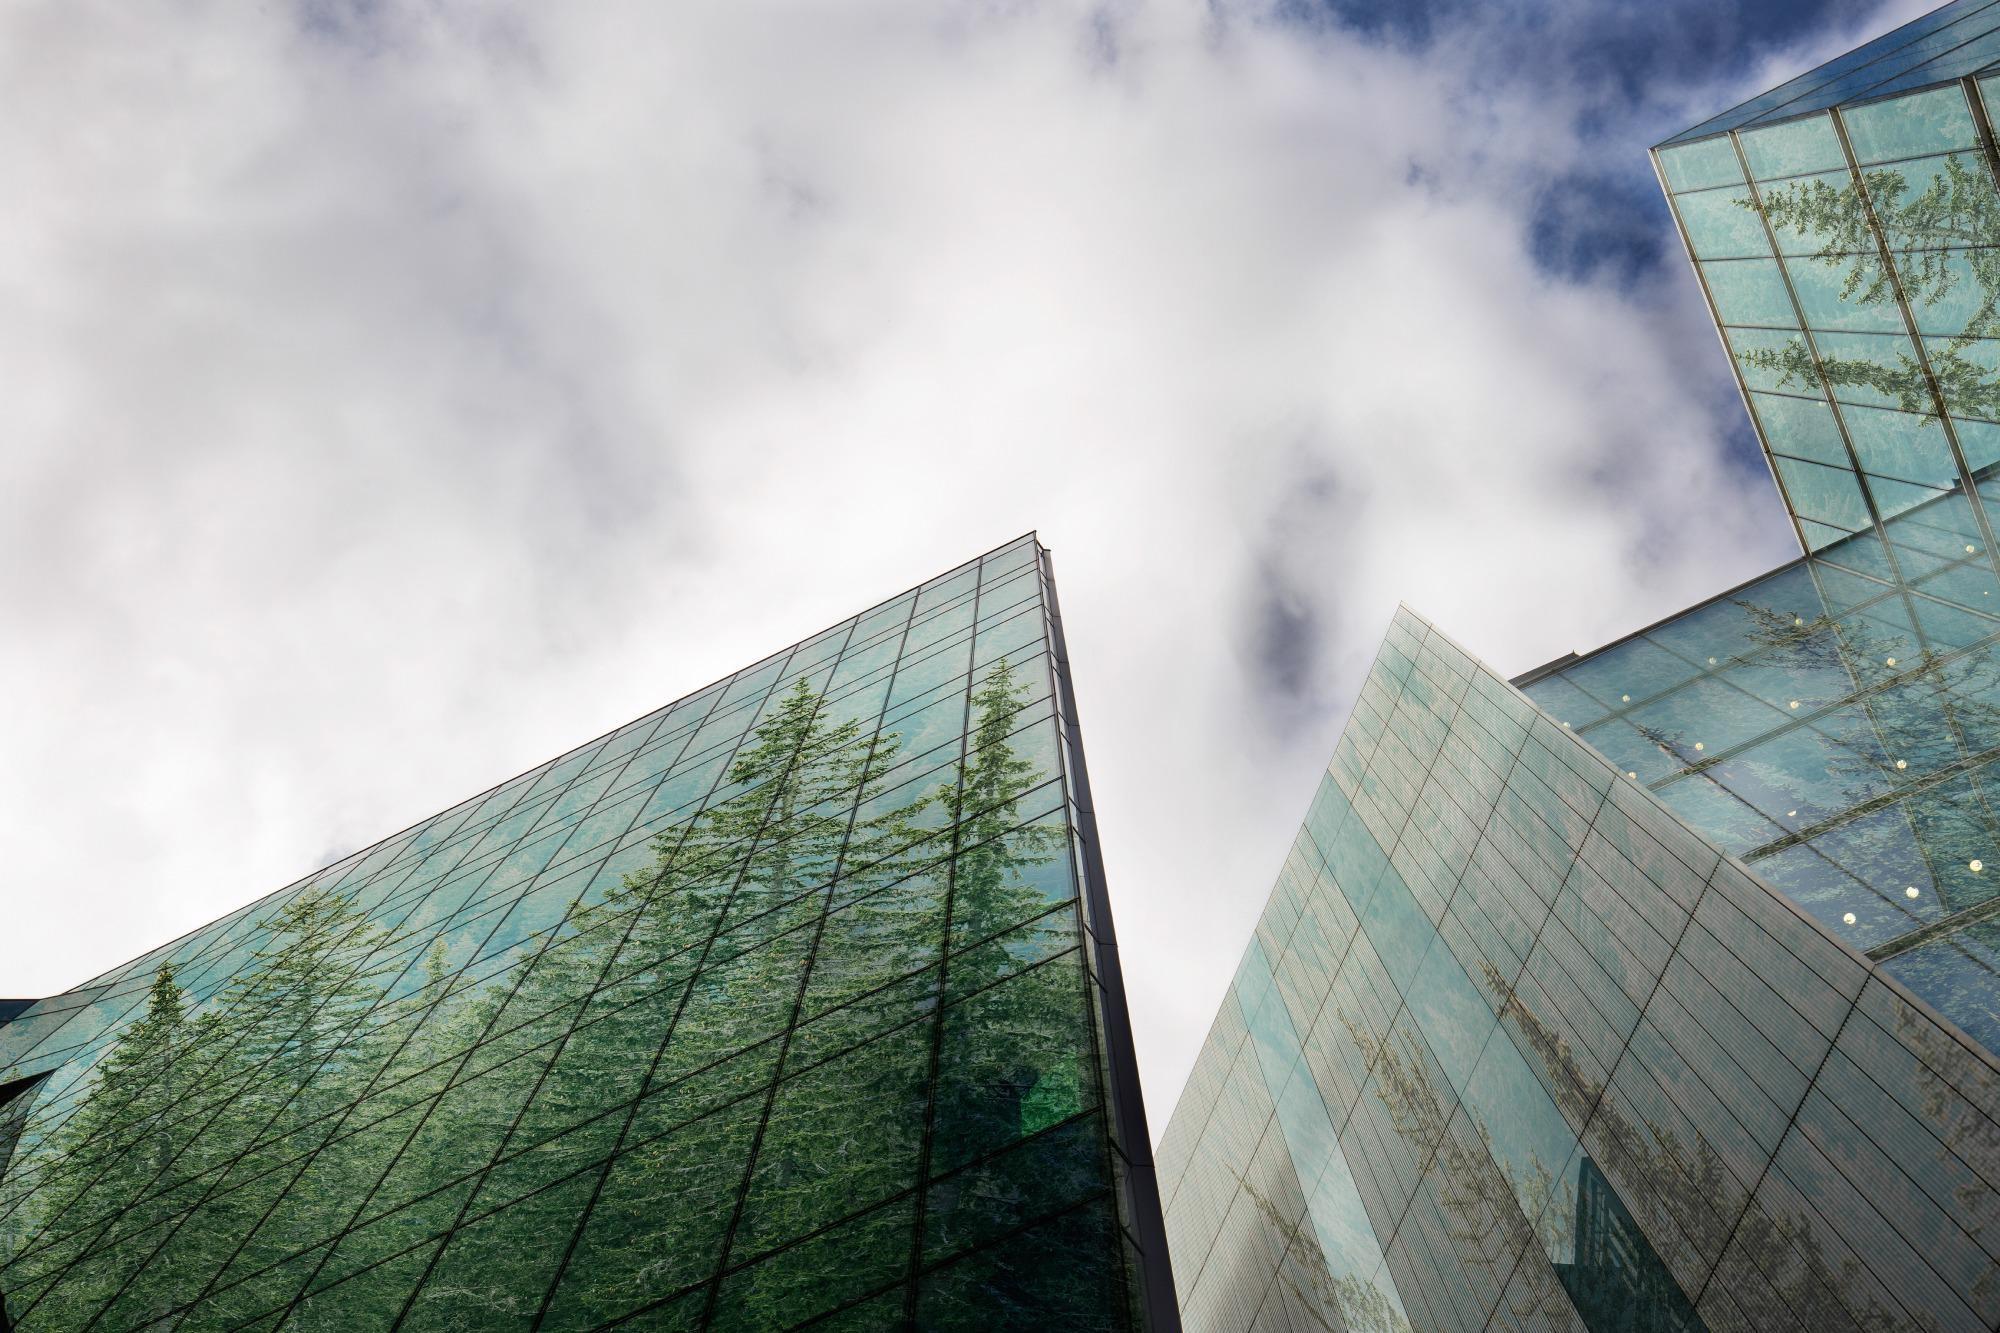 Flux Sensing in Green Buildings